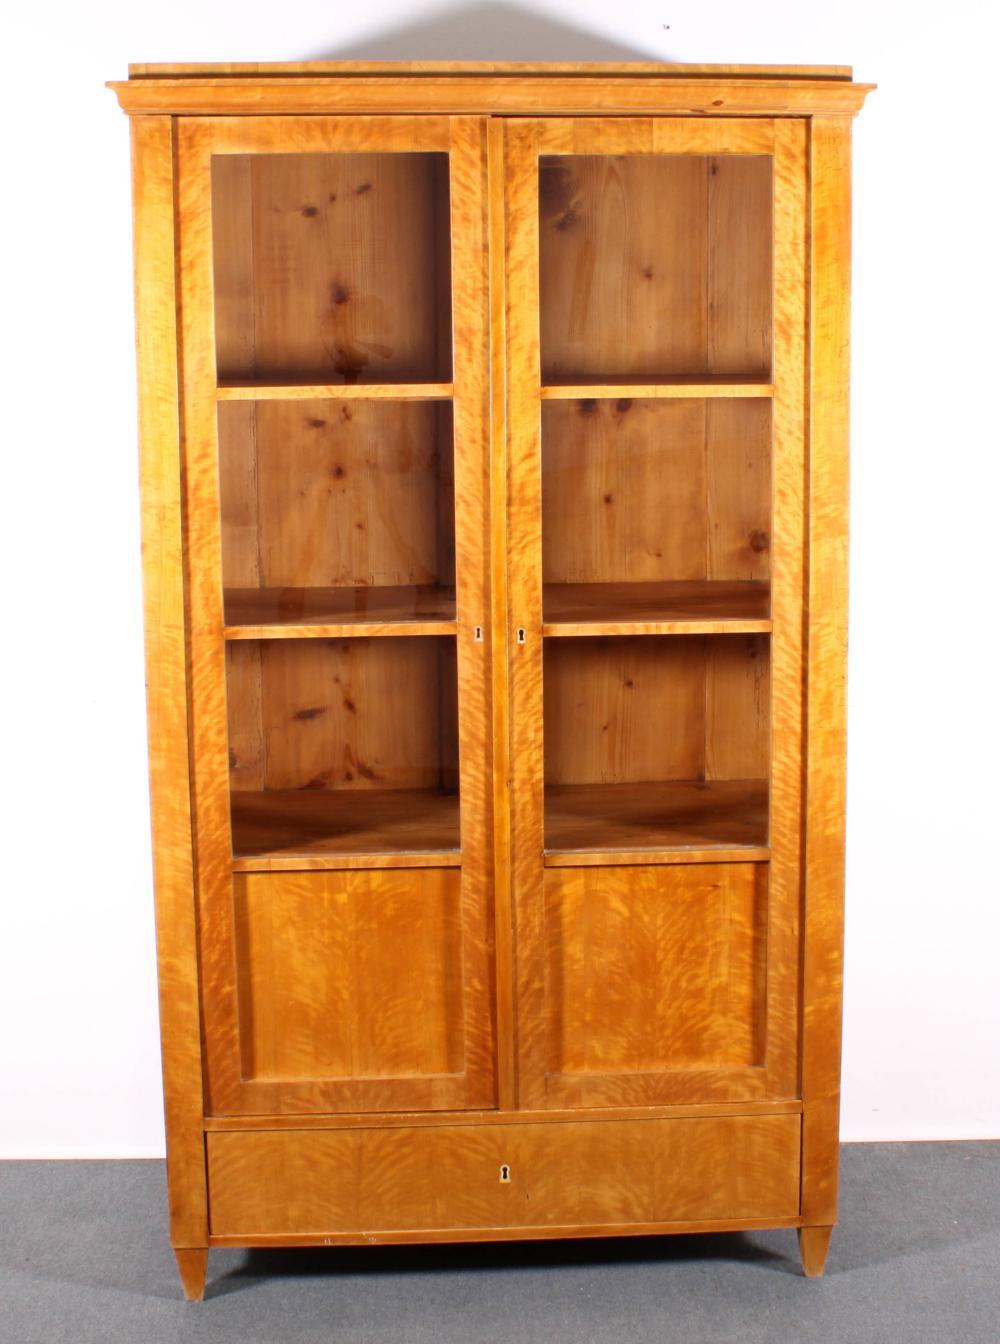 Vitrine/Bücherschrank, Biedermeier, um 1825, Birke geflammt furniert auf Weichholz, zweitüriger Korpus auf konischen Füßen, Sockelschub, darüber zwei Türen mit je drei verglasten Fenstern, leicht vorkragende Giebelleiste, innen drei Einlegeböden, 17